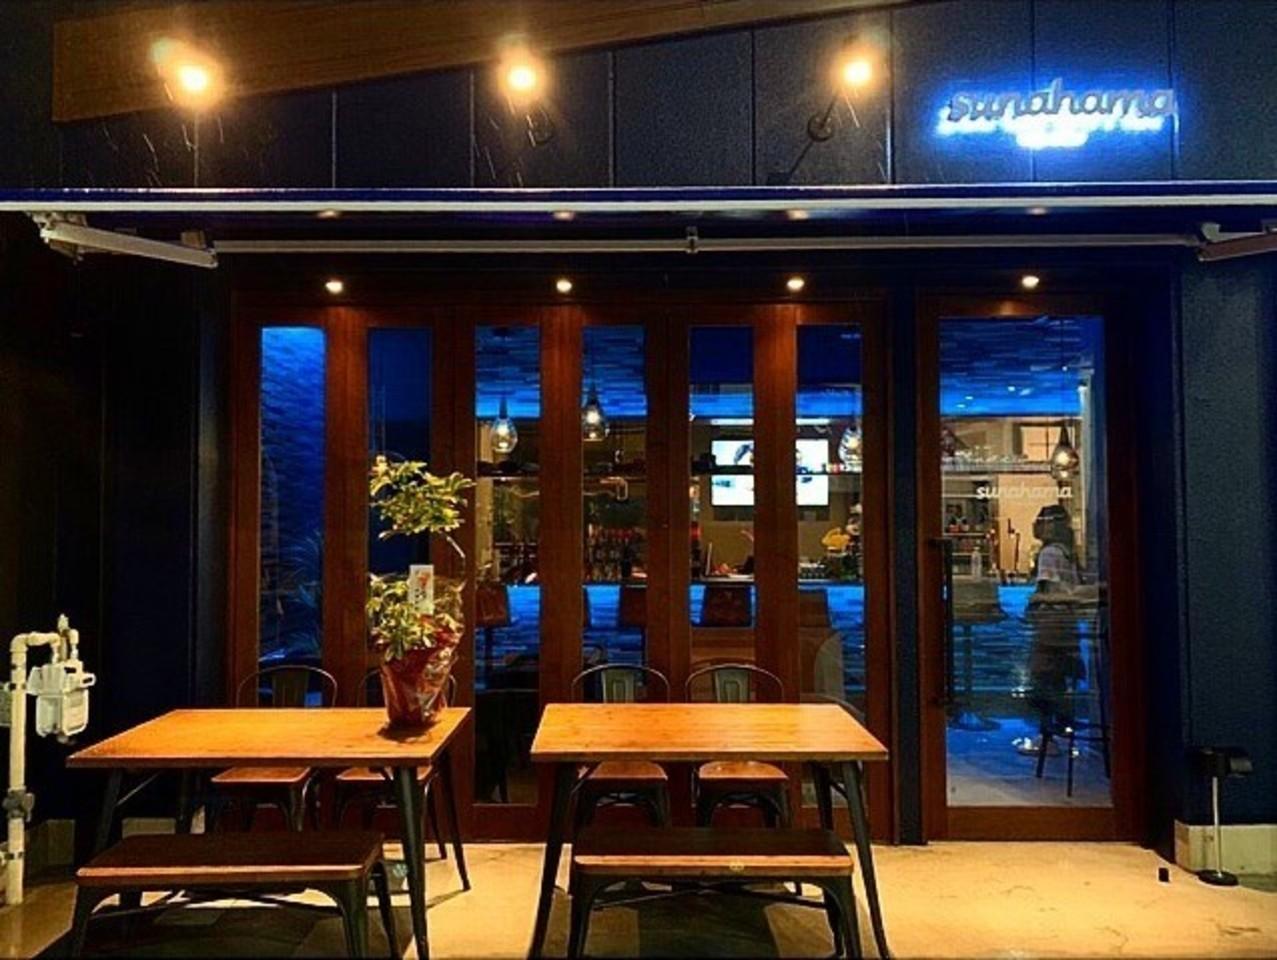 のこぎり長屋の角...愛知県一宮市本町1丁目のカフェ&バー「スナハマ」